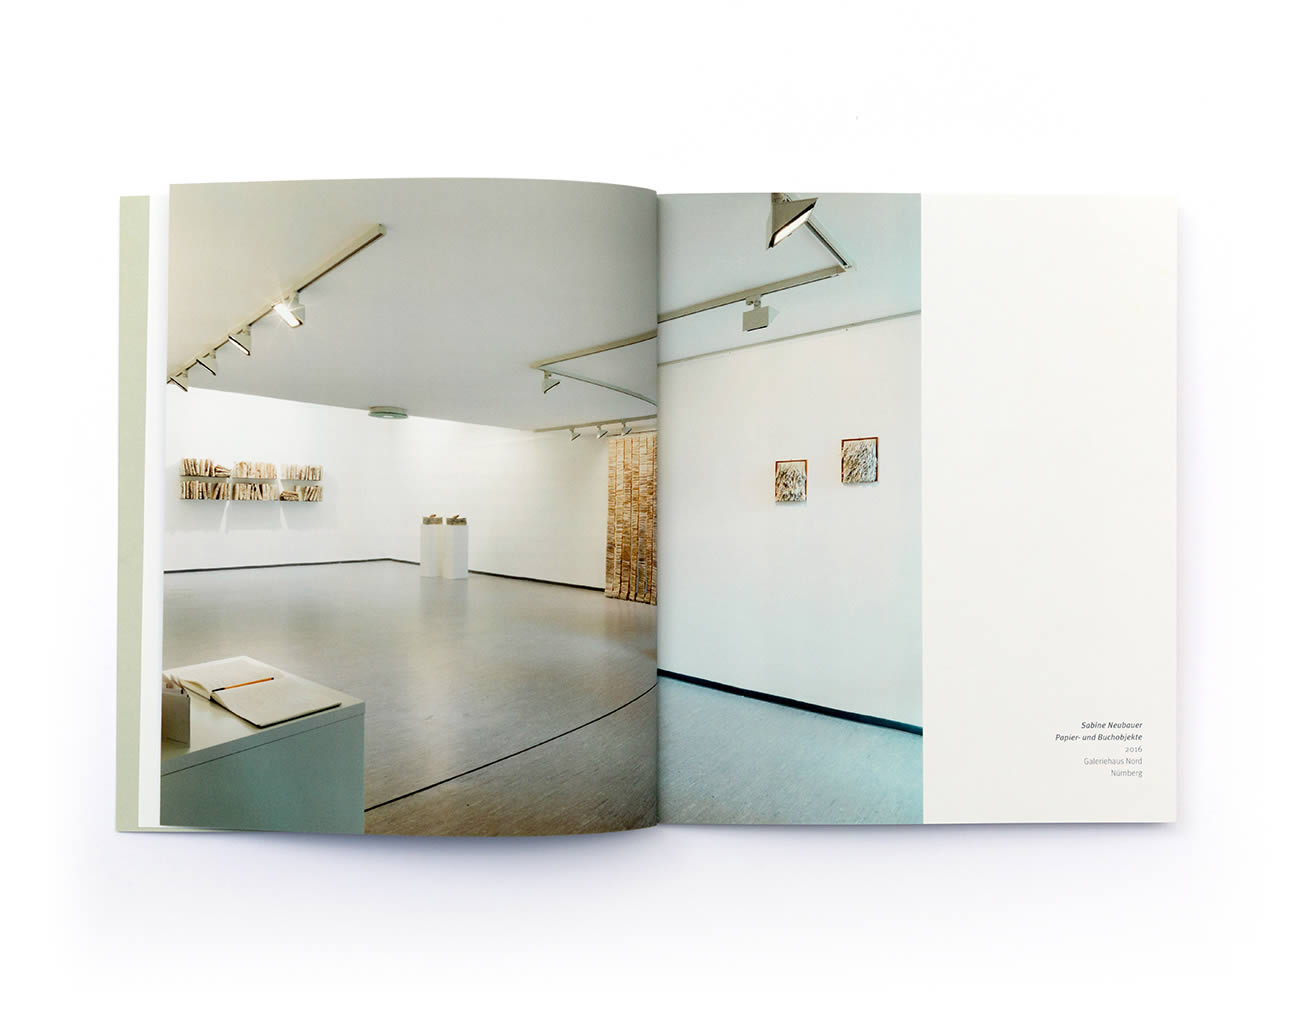 Petermeyer Zimmerer, Print, Broschüre, Sabine Neubauer, Werkübersicht, Katalog, Design by pz